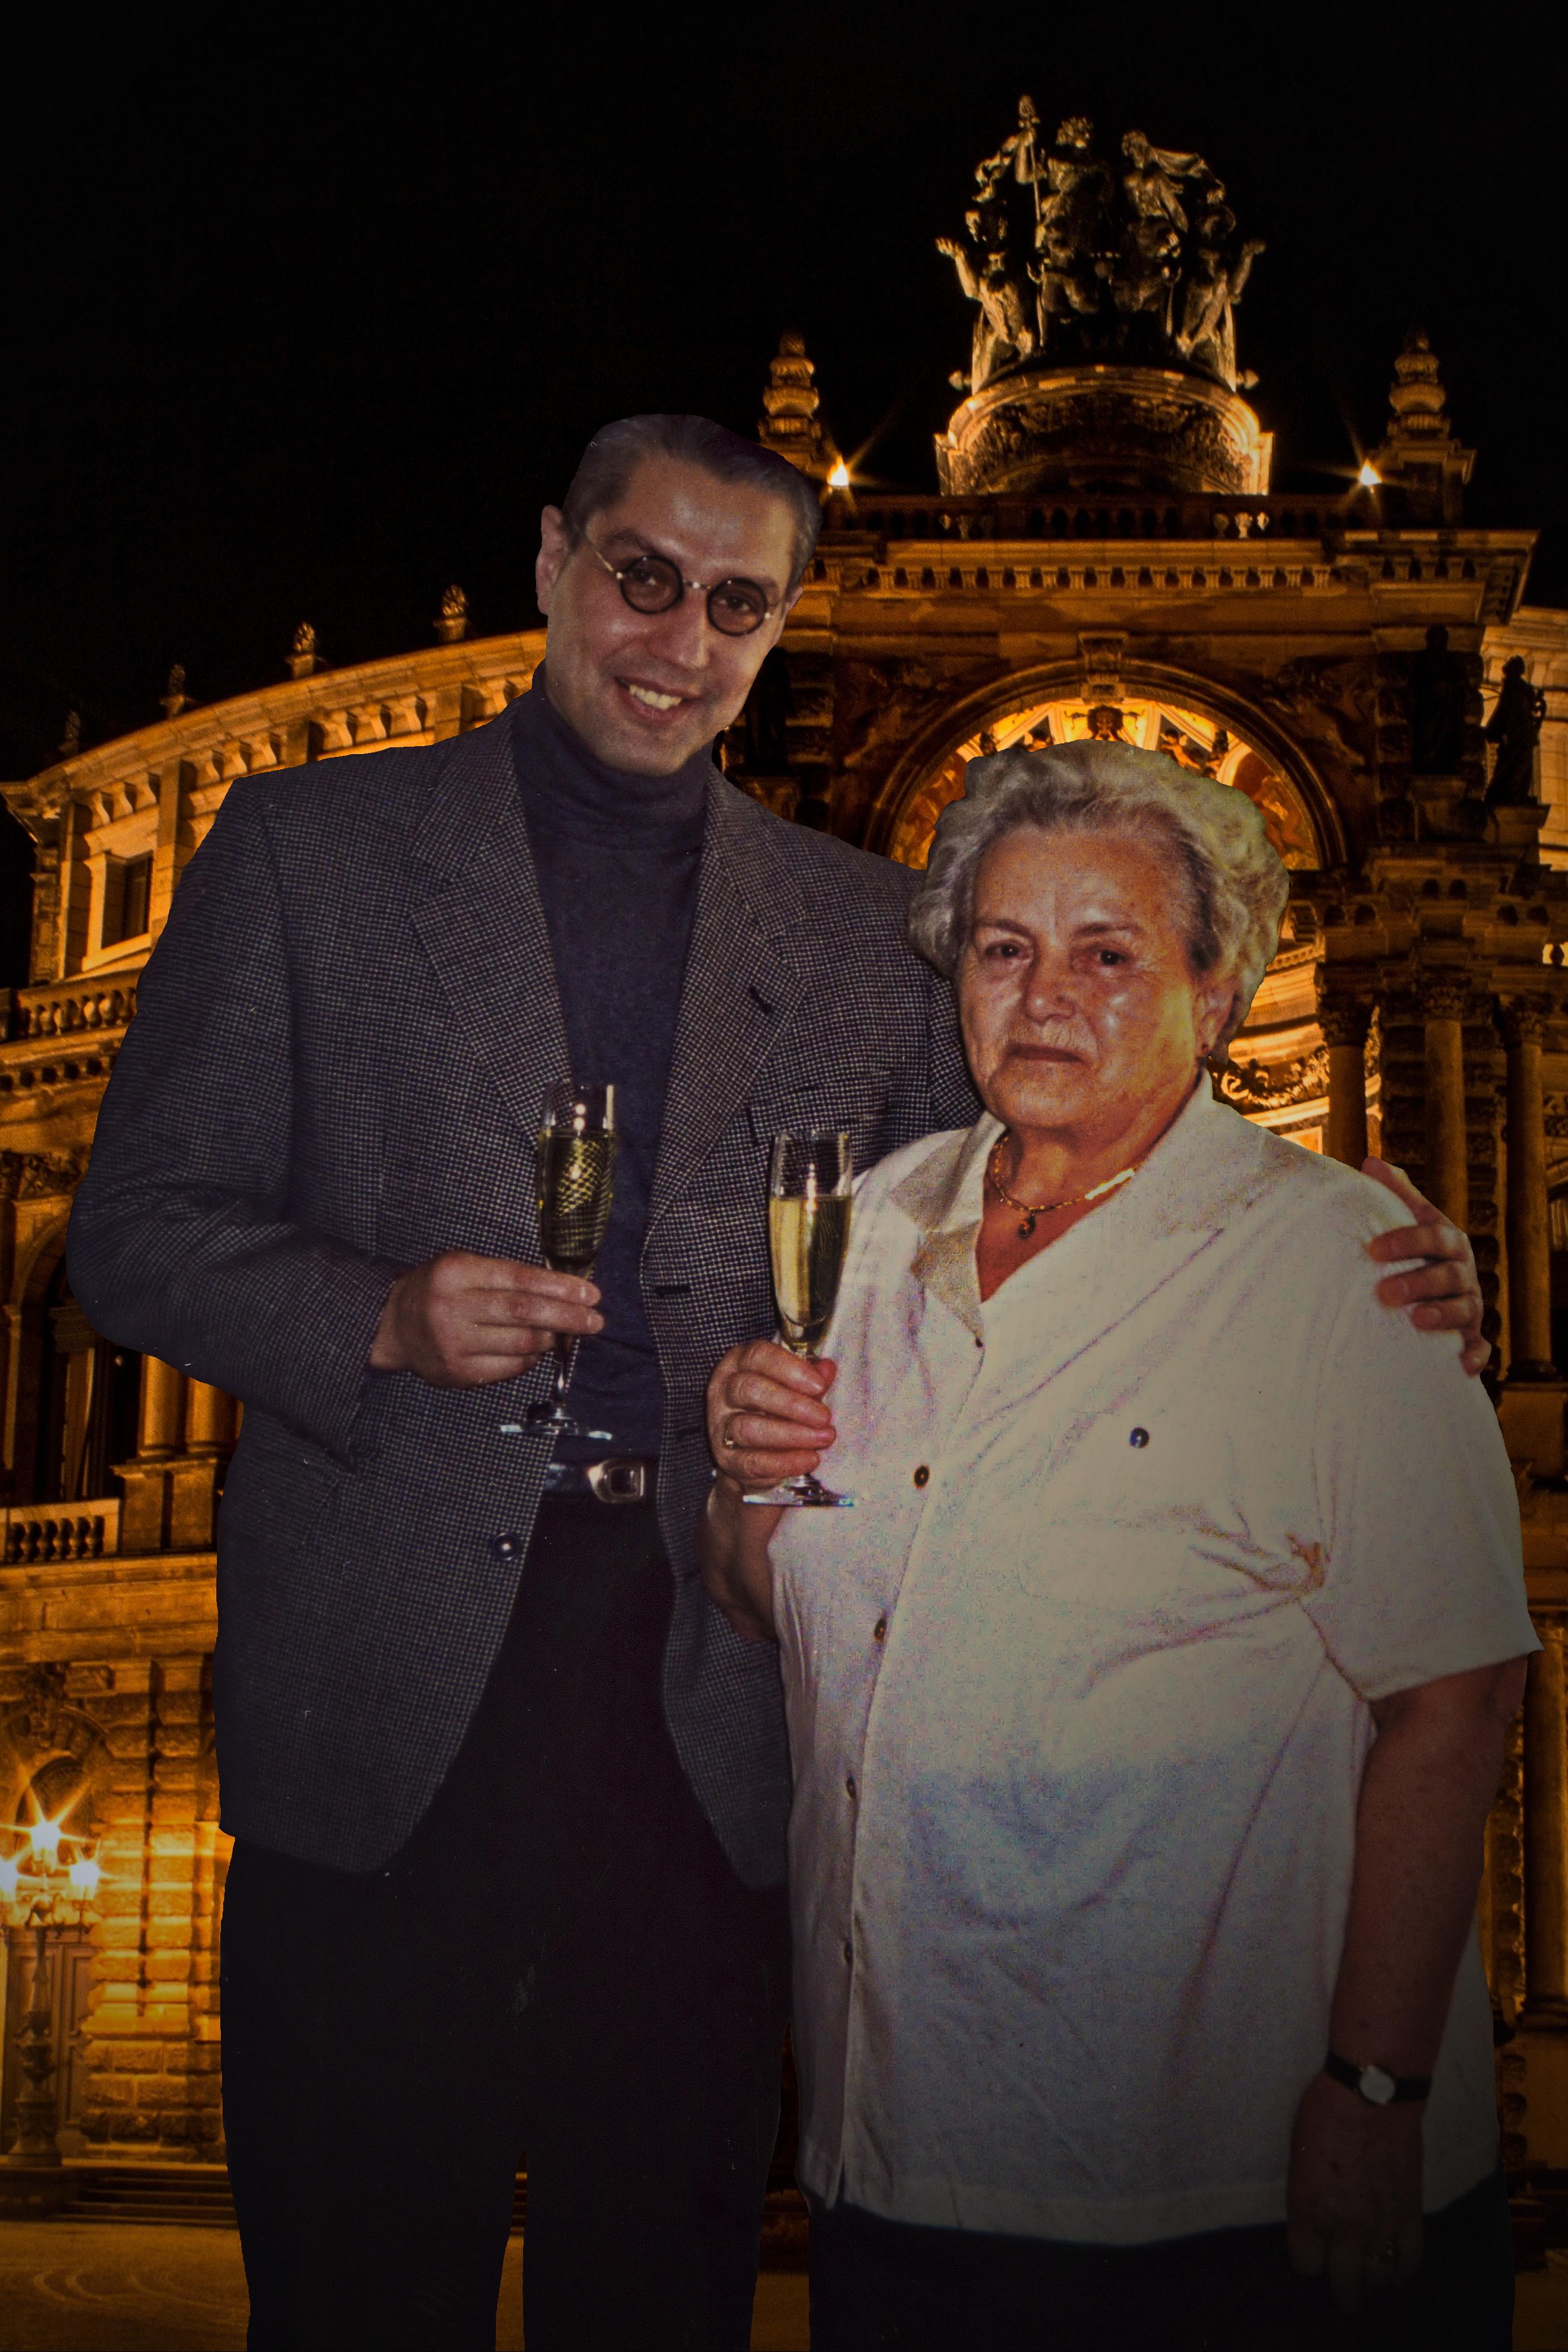 André Hüller mit Mutter Ruth Hüller 1999